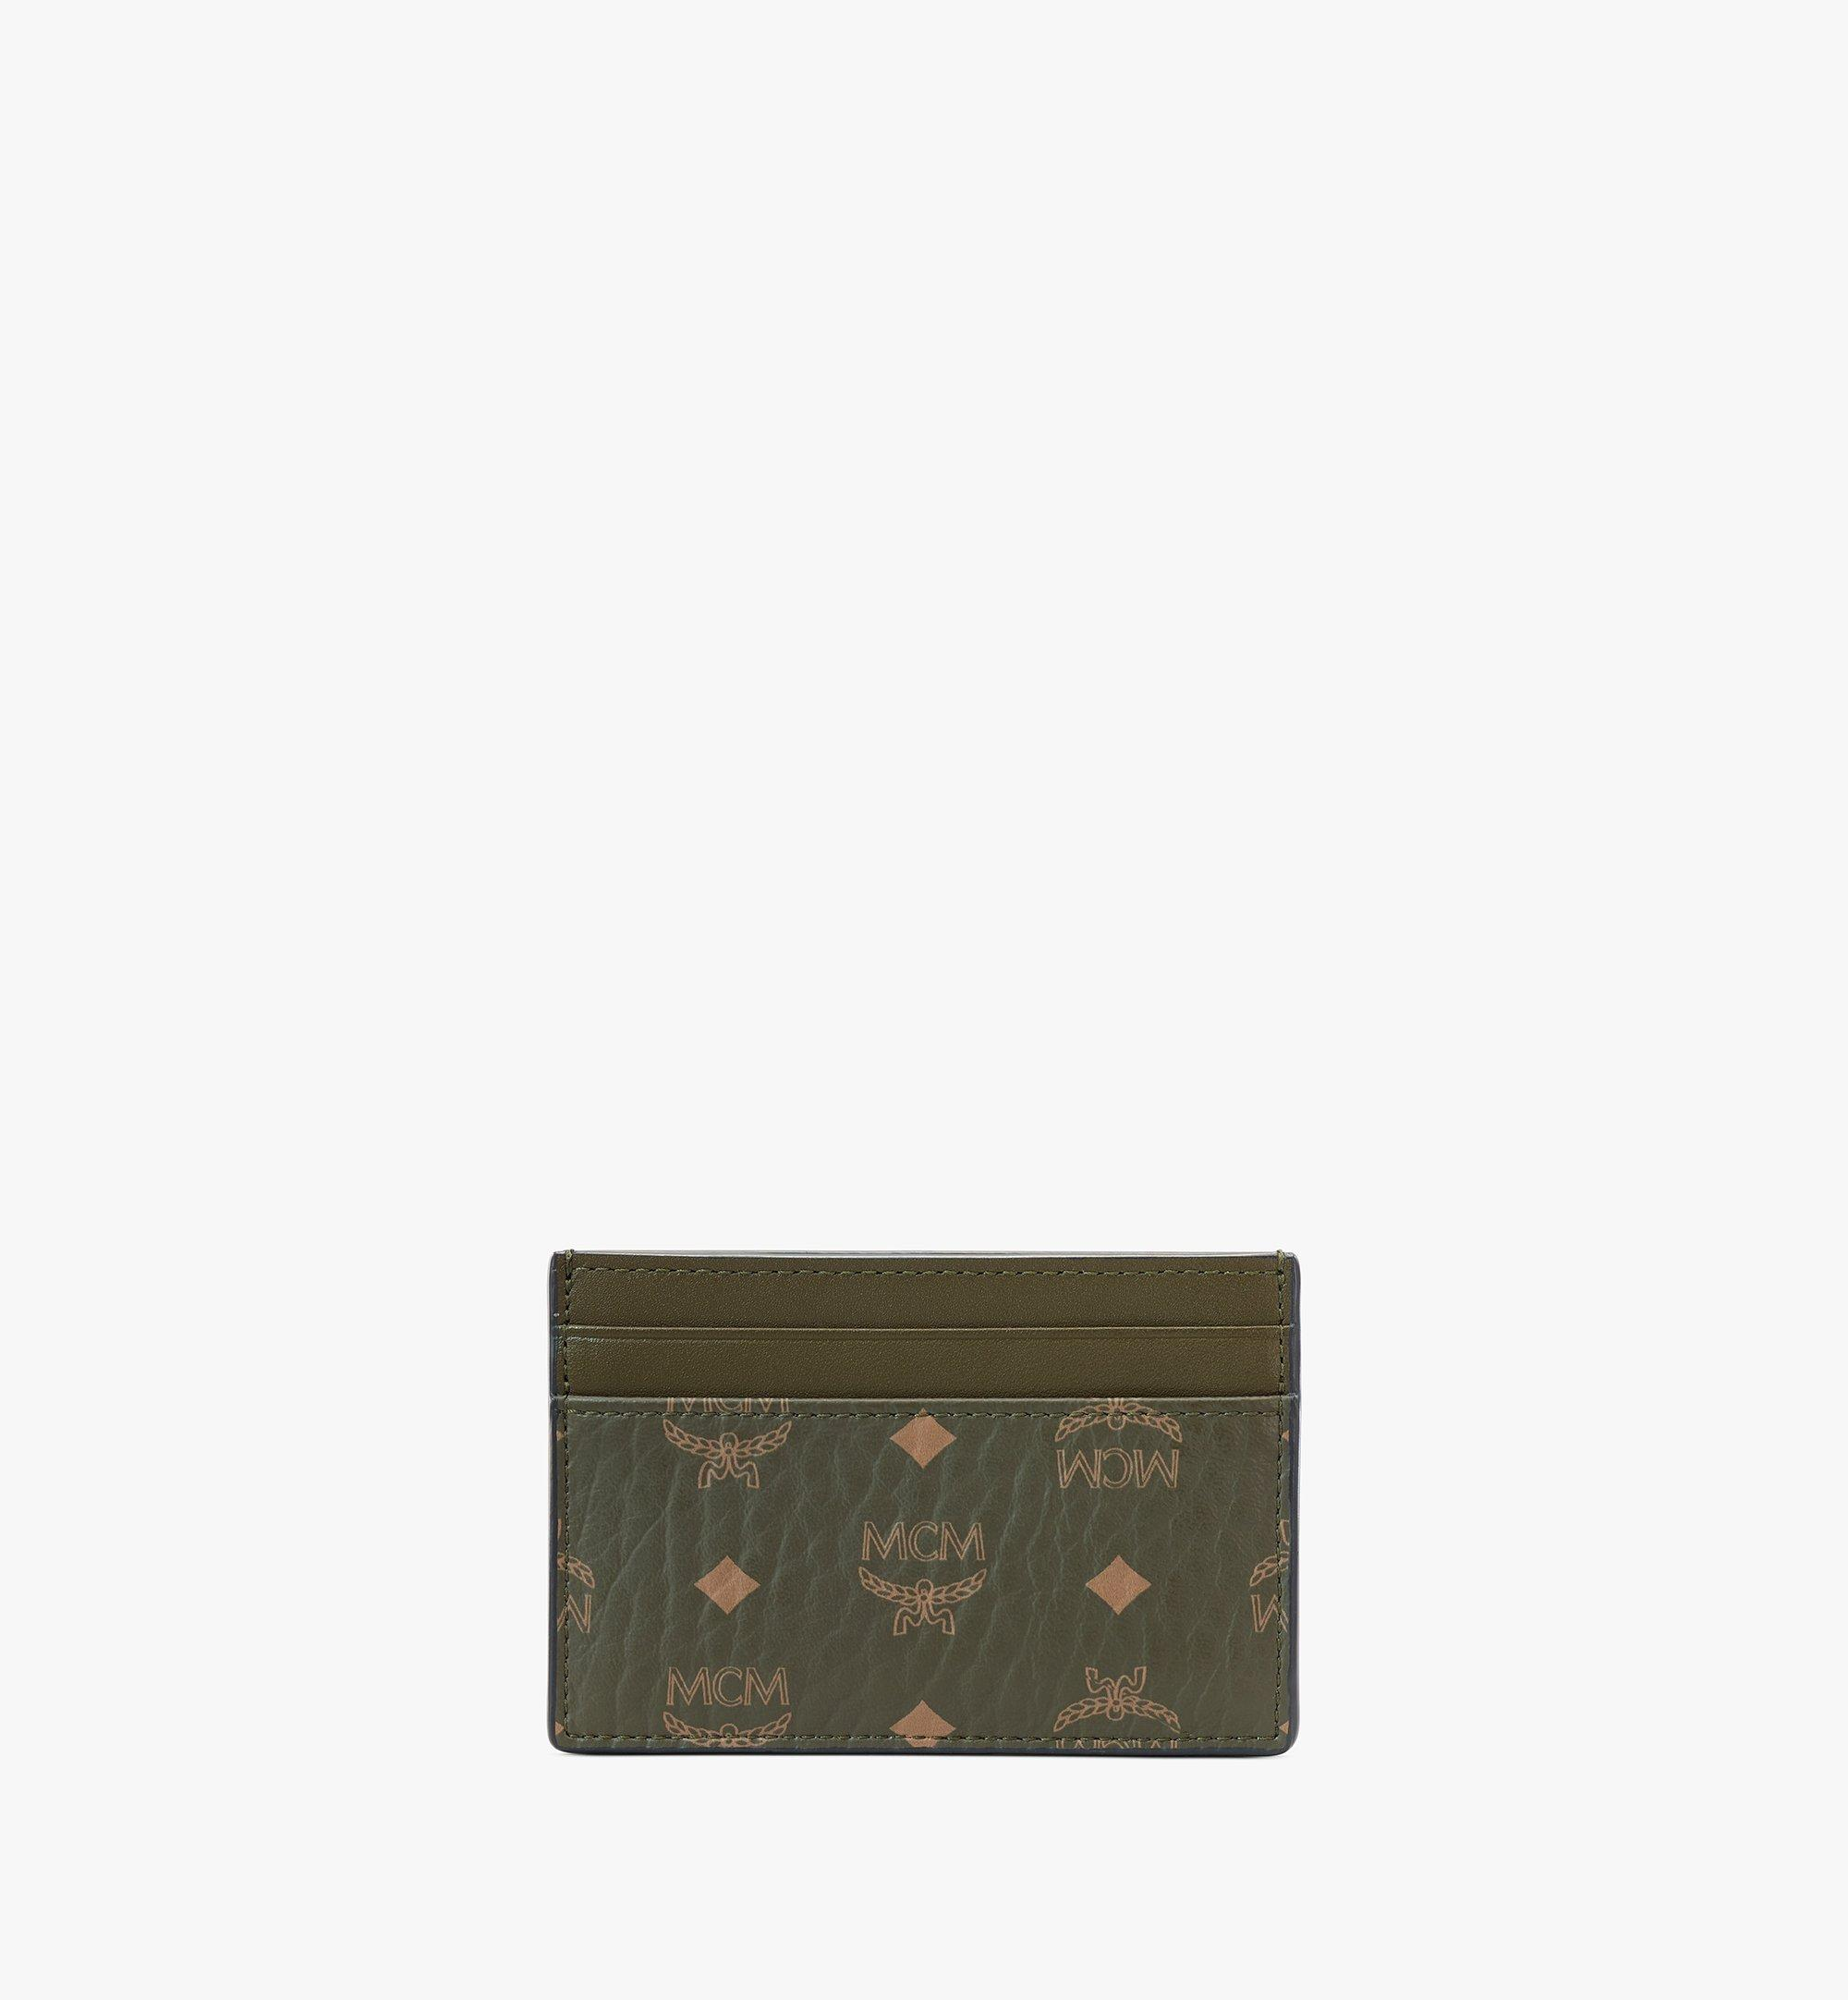 MCM 〈ヴィセトス オリジナル〉カードケース Green MXAAAVI01JH001 ほかの角度から見る 2